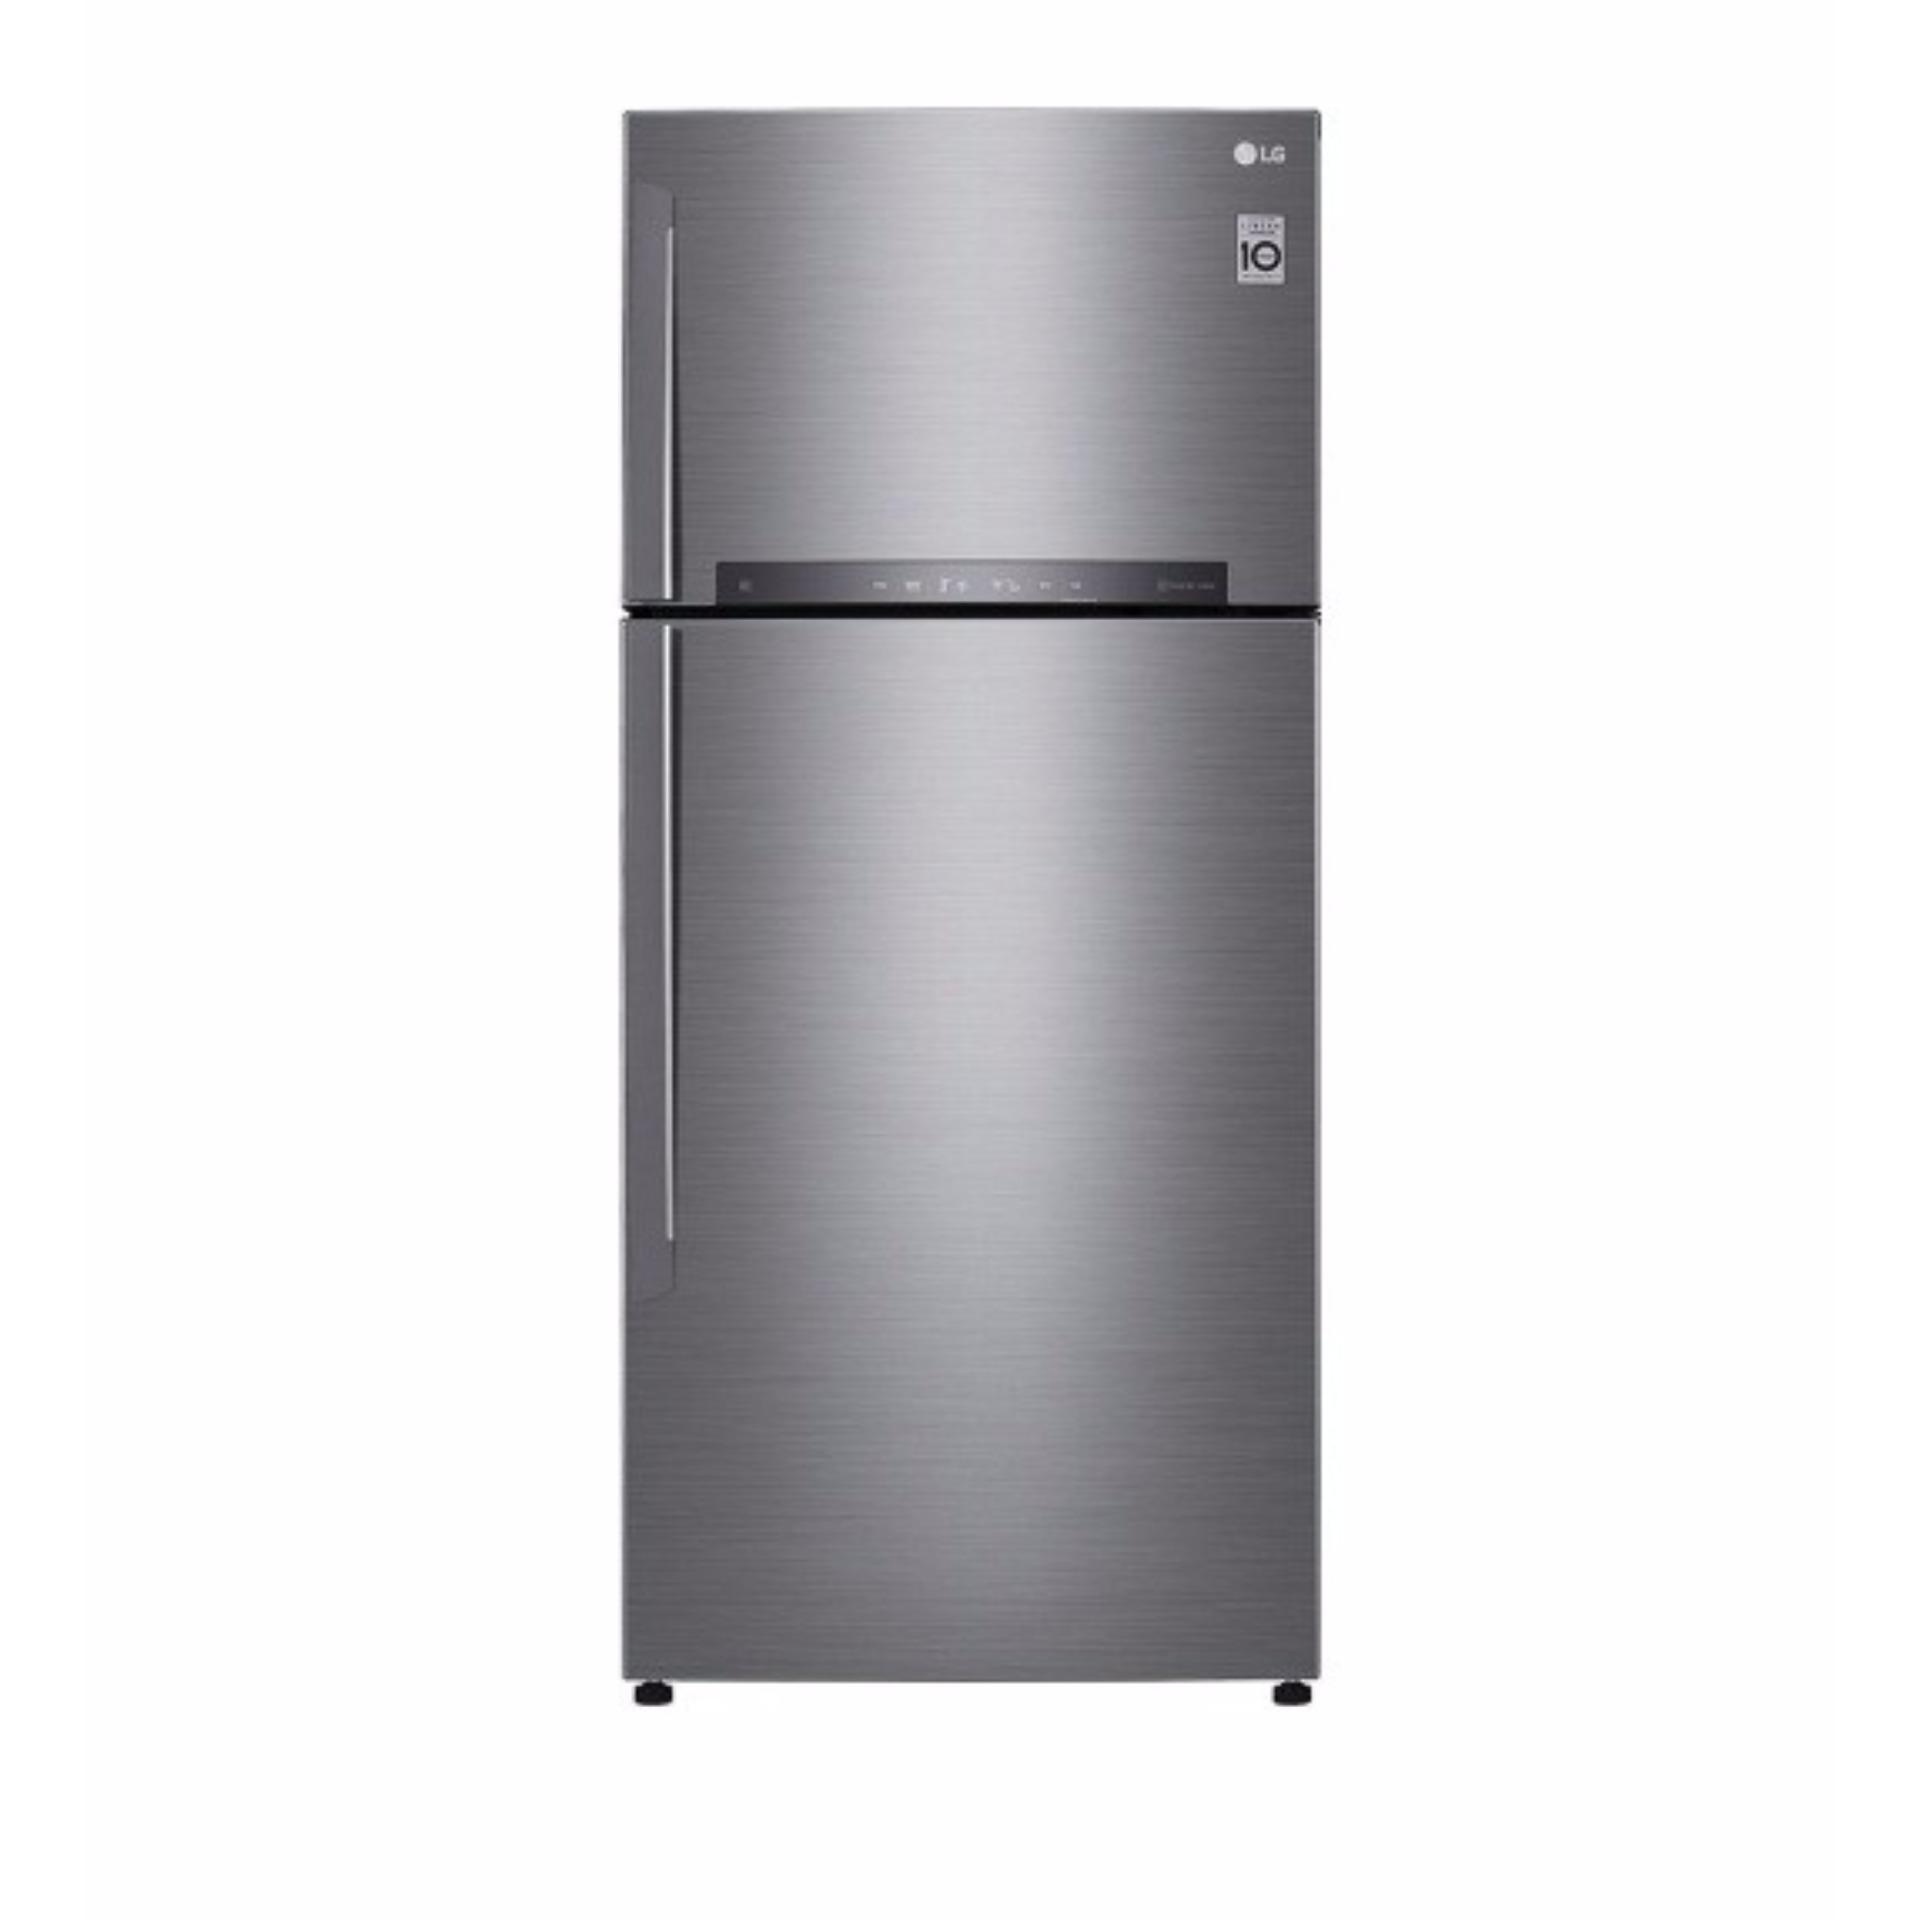 Tủ lạnh LG GN-L602S (Bạc)